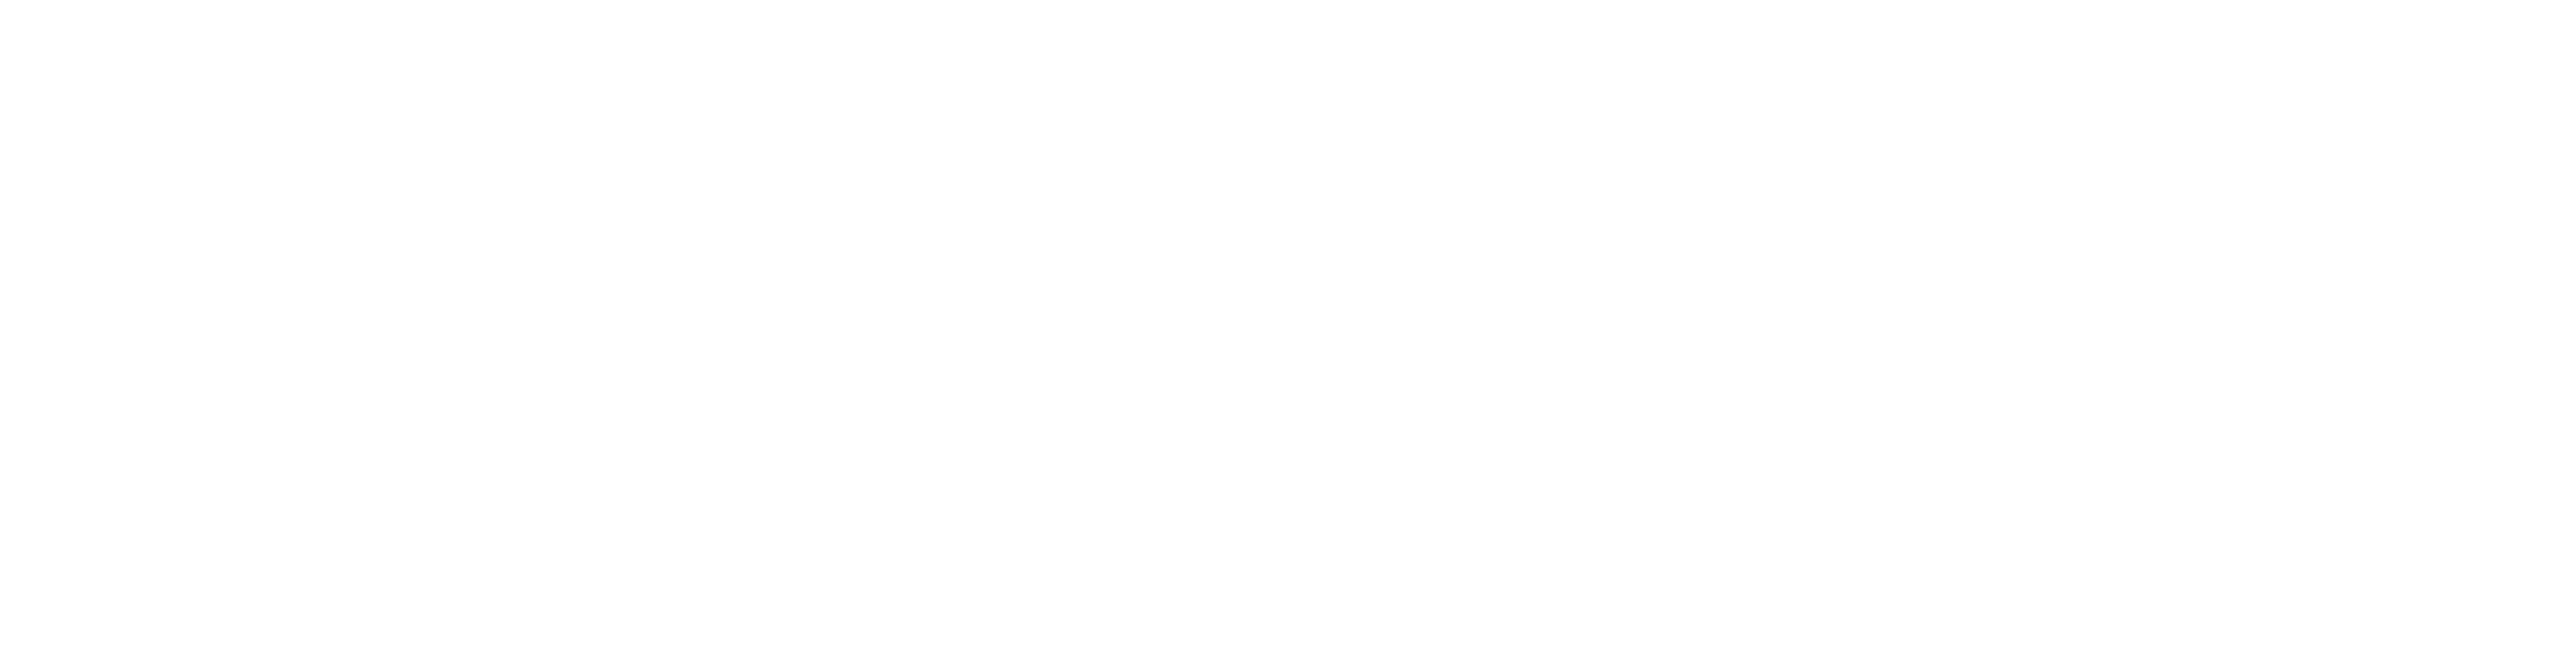 maragu-logo-white-01